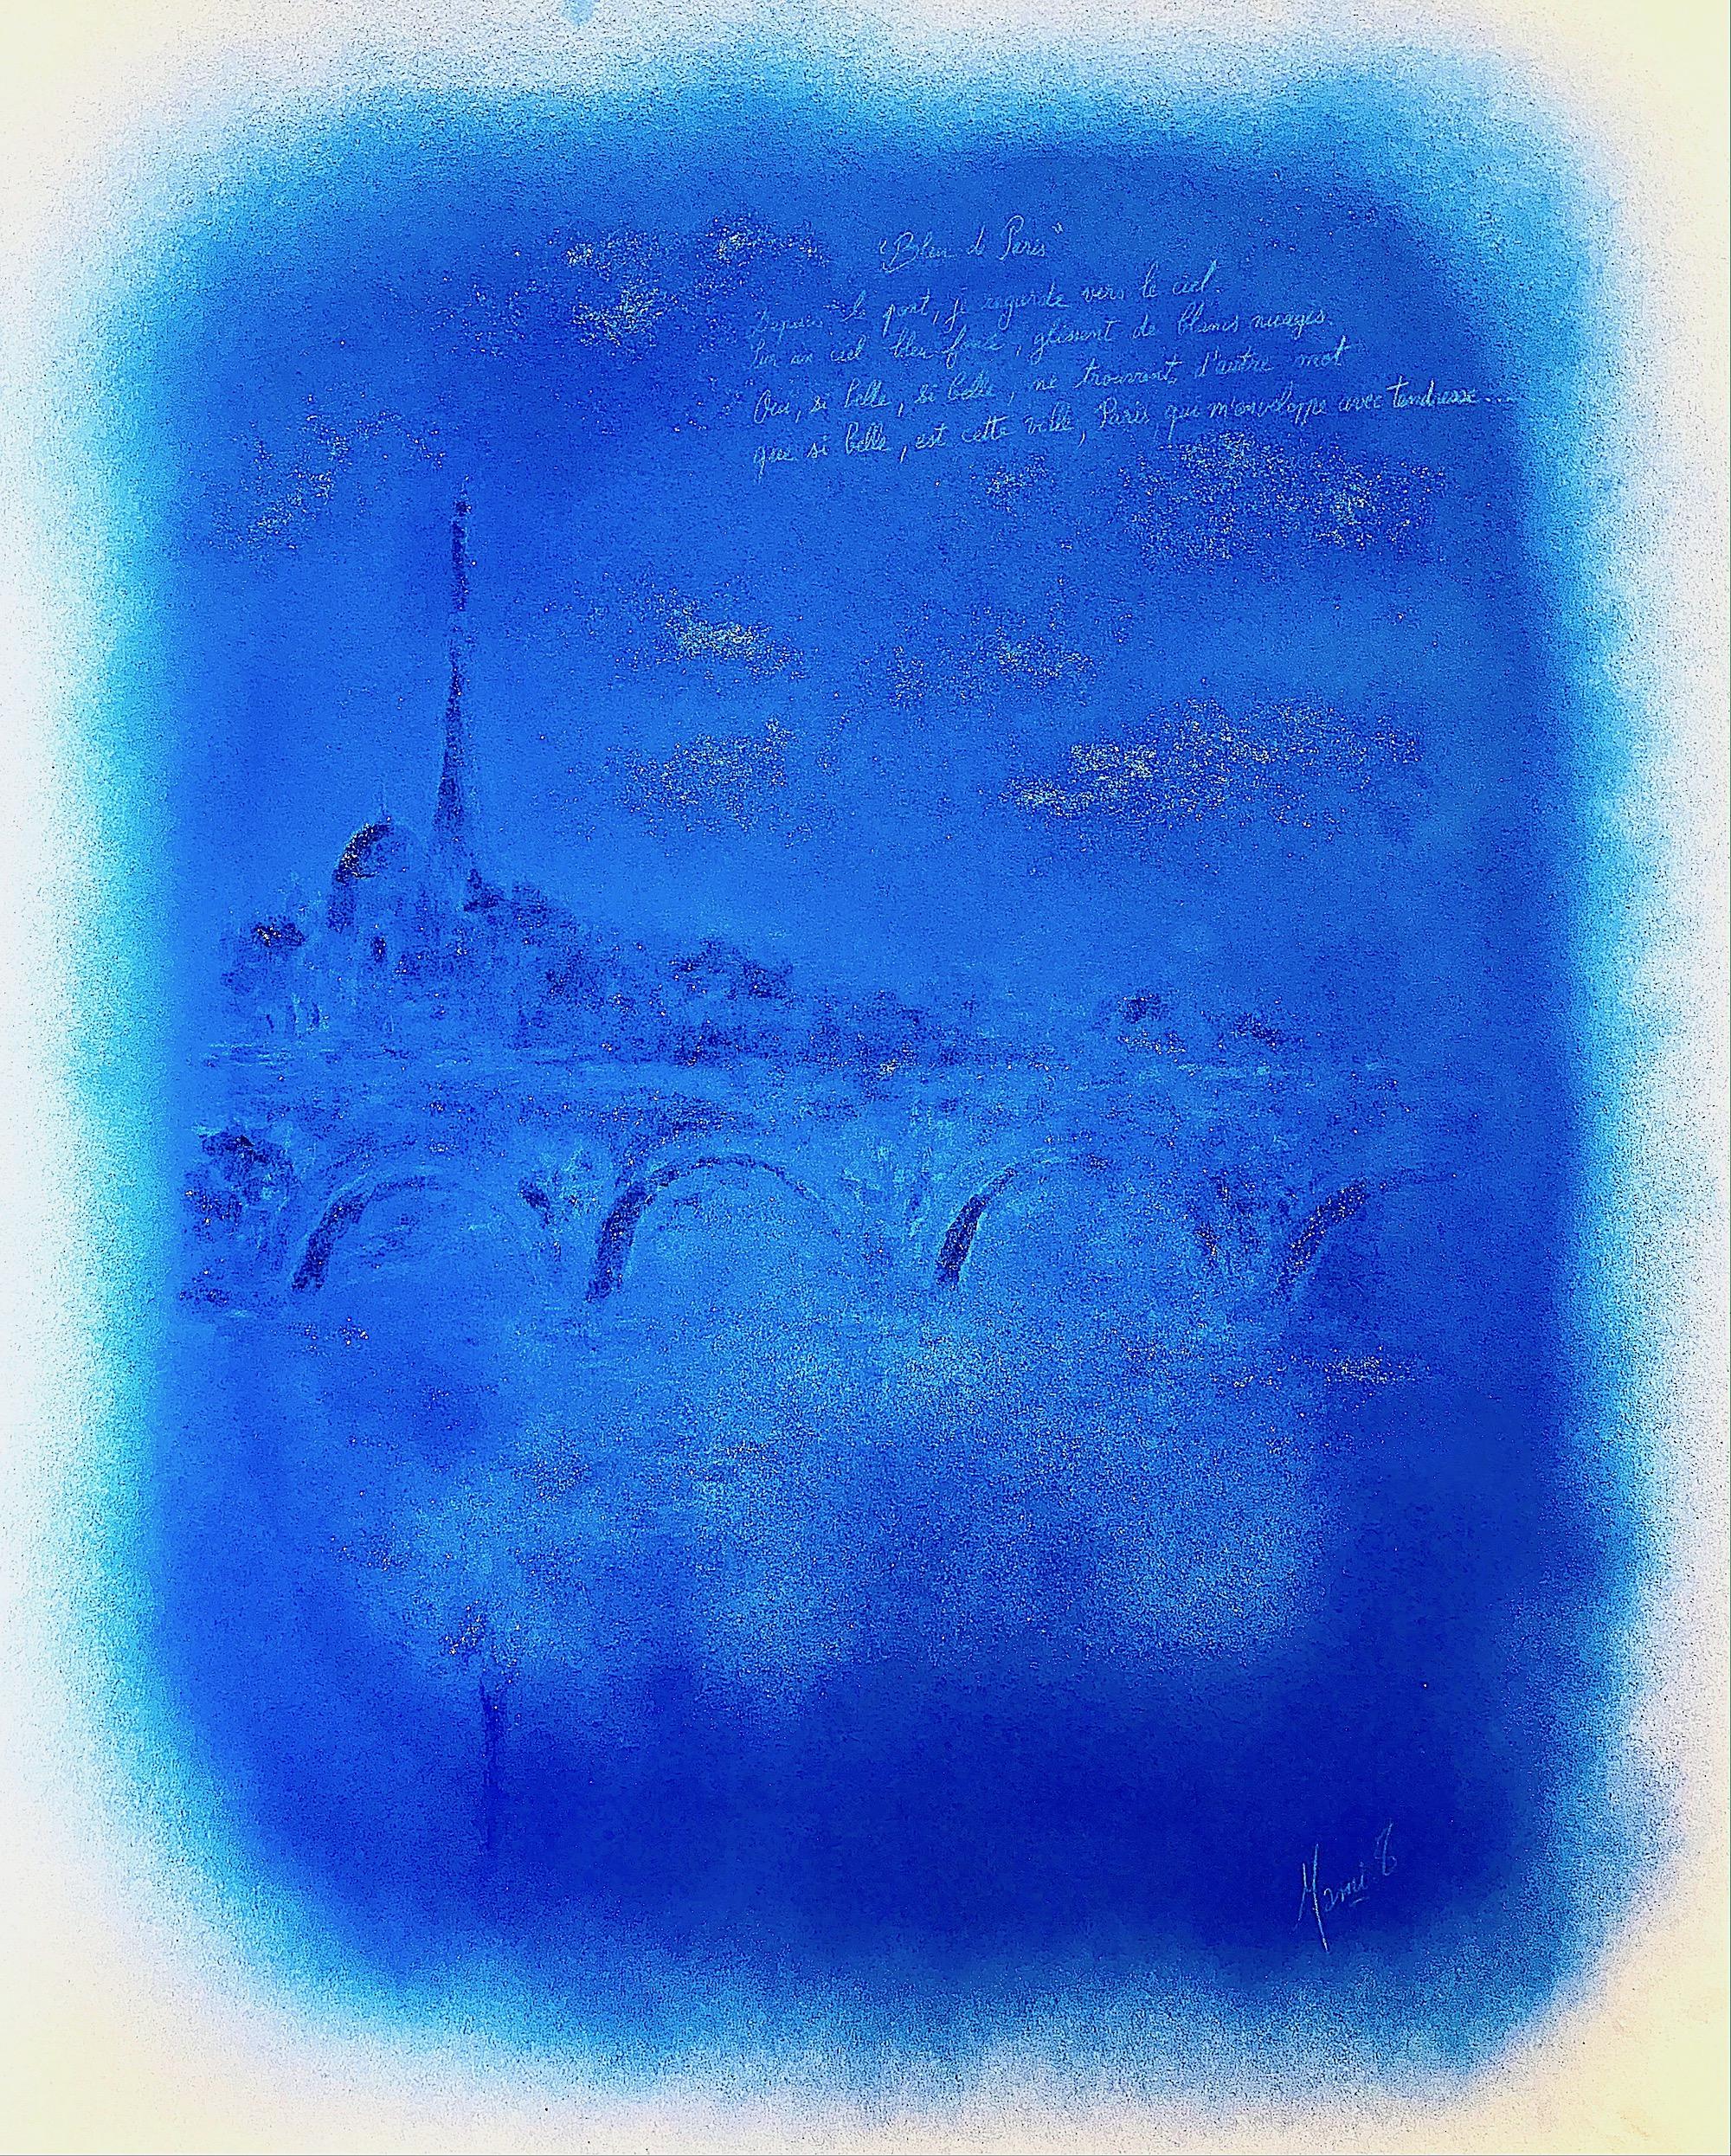 MAMI / Images et Poésie, Bleu de Paris